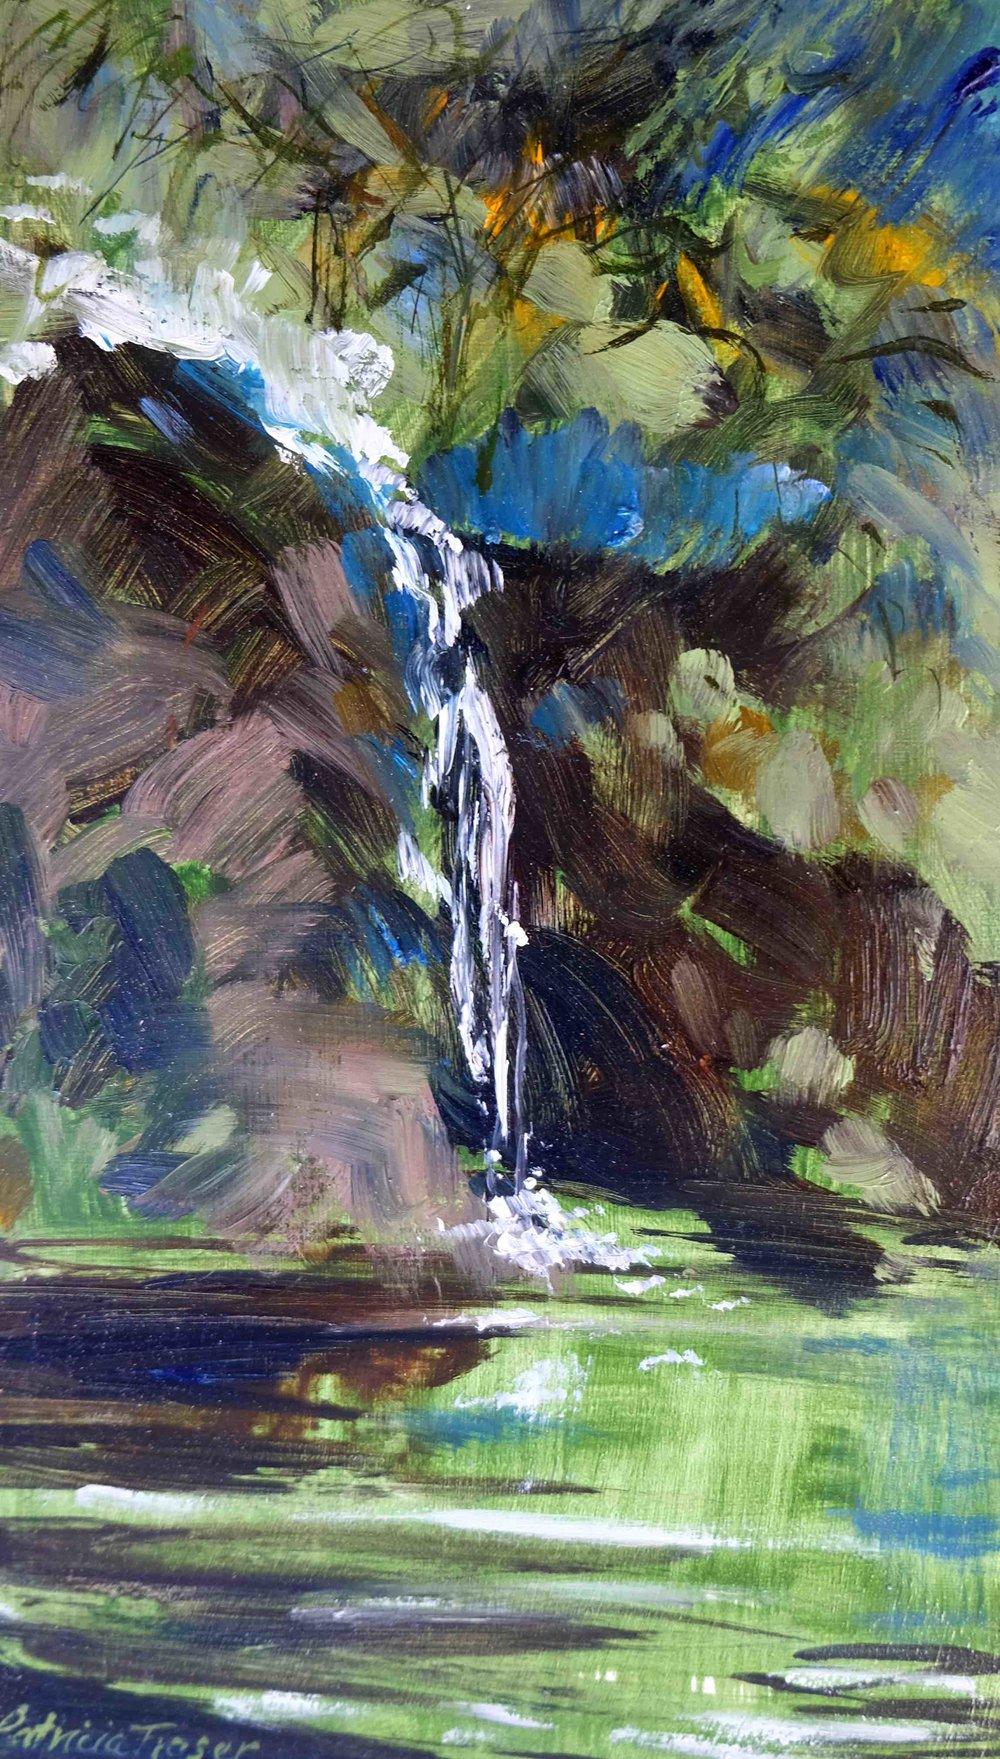 Memory Waterfall #2